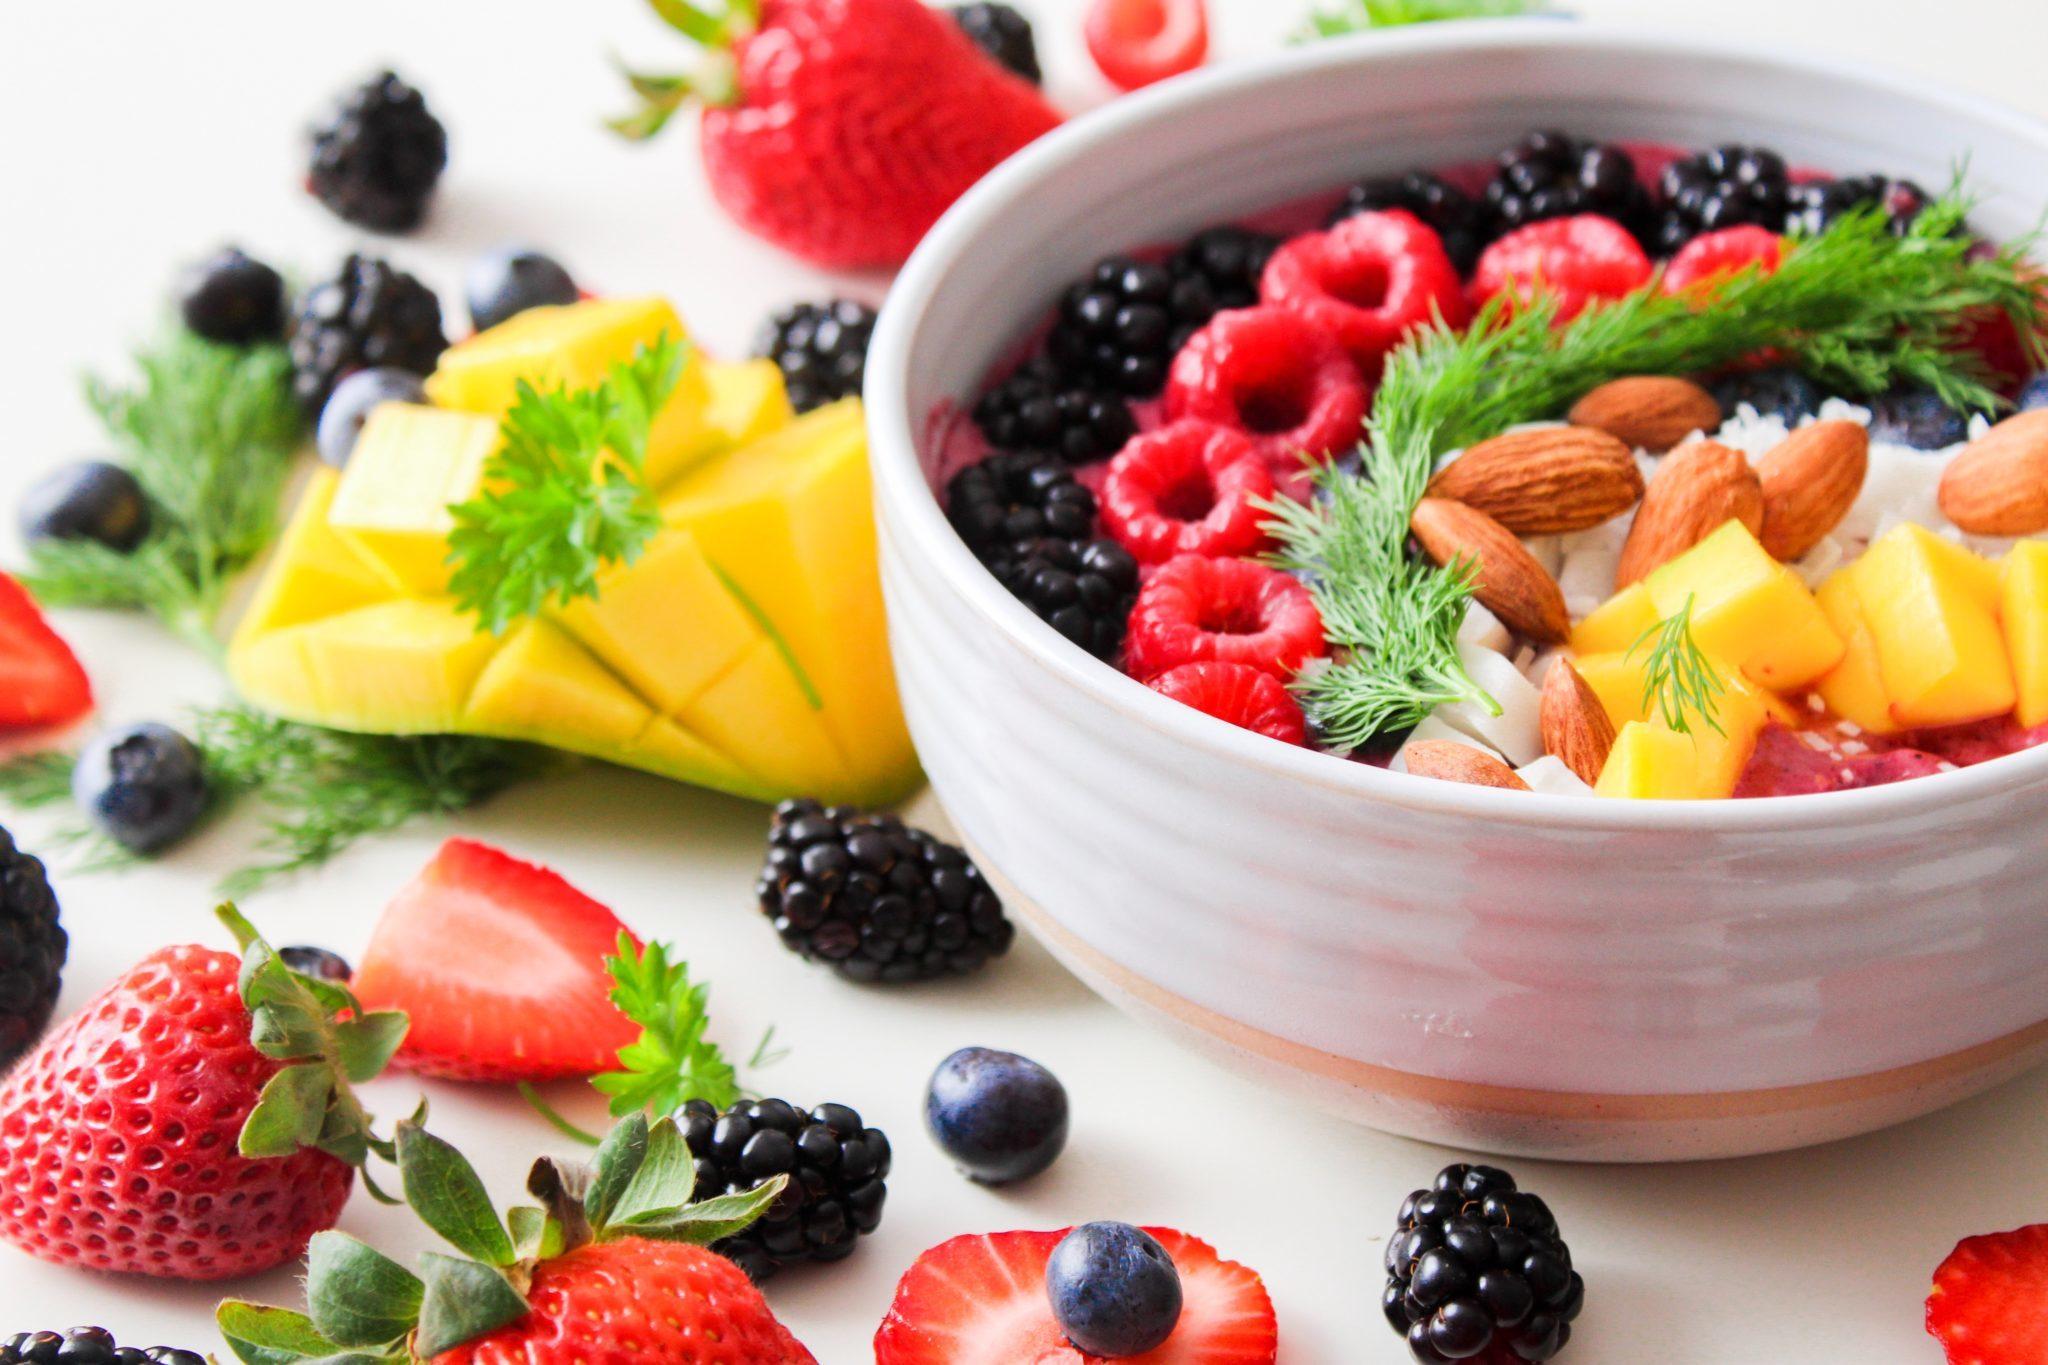 Recz o dobrej diecie – czy warto studiować dietetykę?